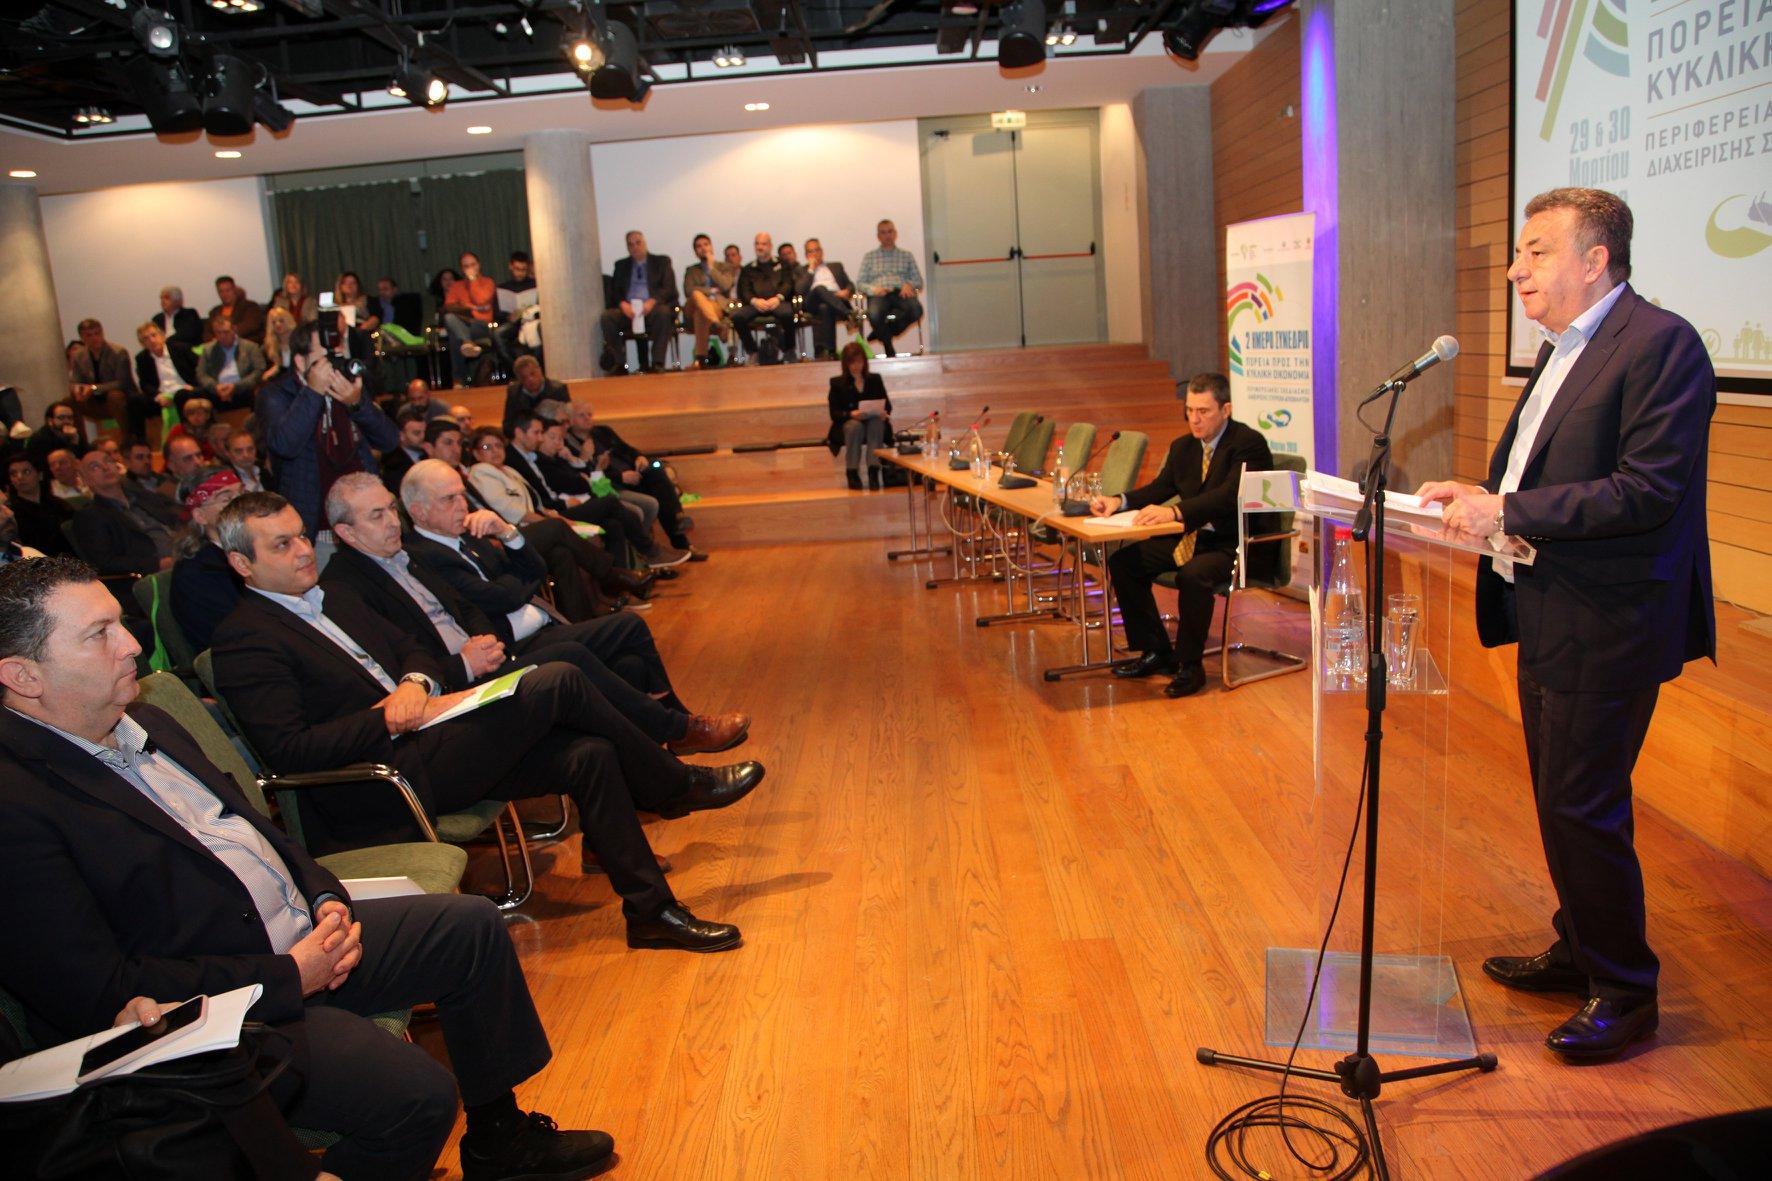 10 συν 1 συμπεράσματα από το Συνέδριο του Ε.Σ.Δ.Α.Κ. για την Κυκλική Οικονομία